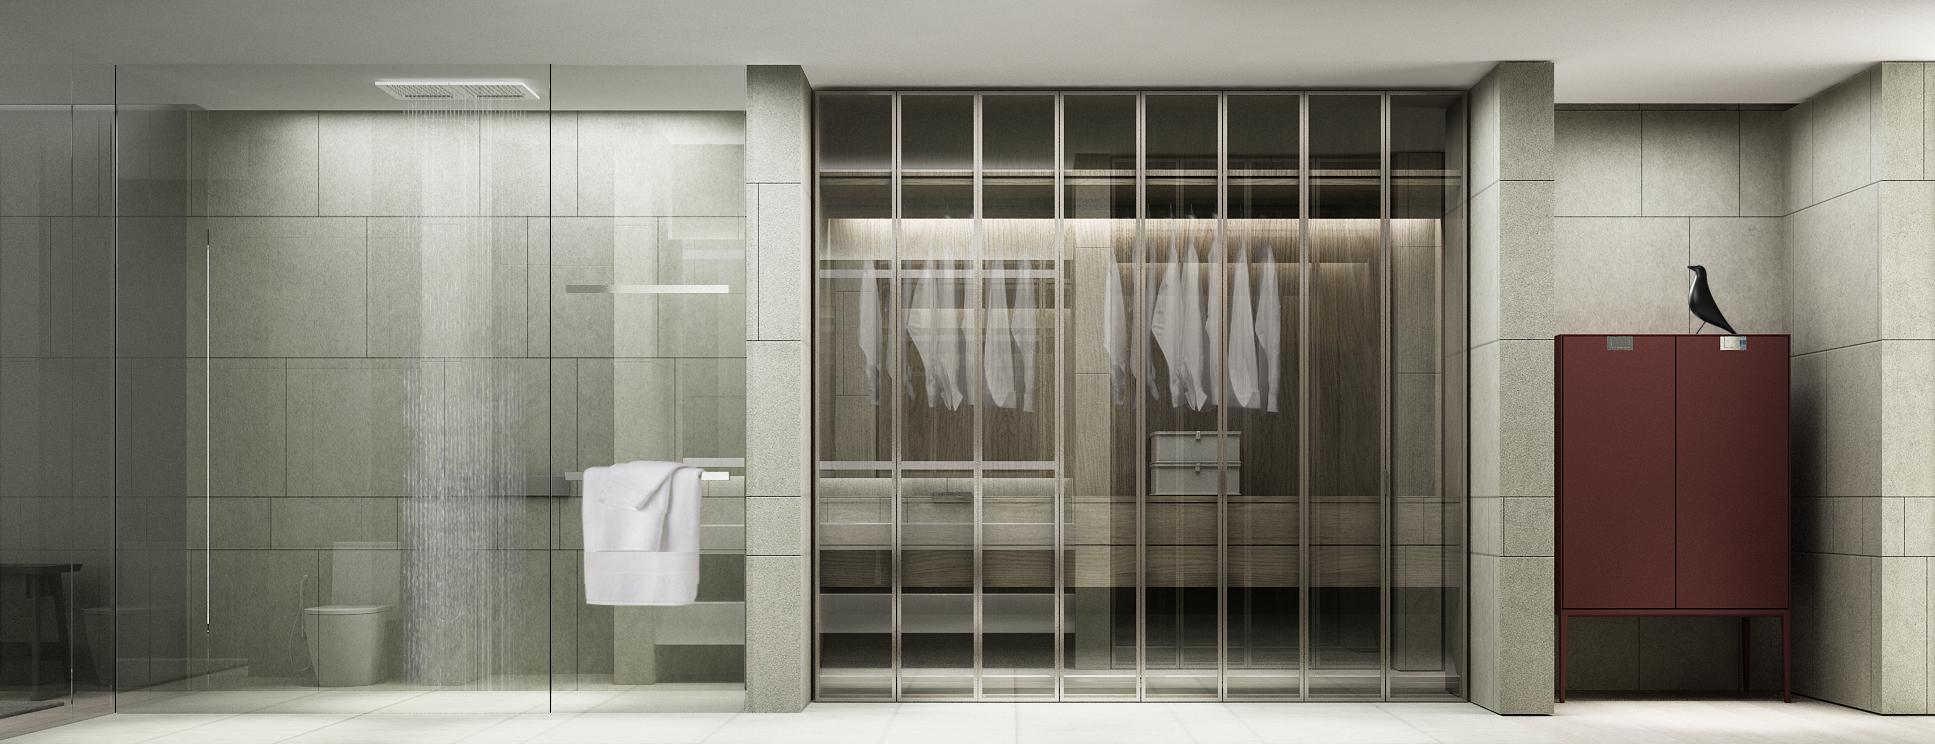 13 Bathroom 03